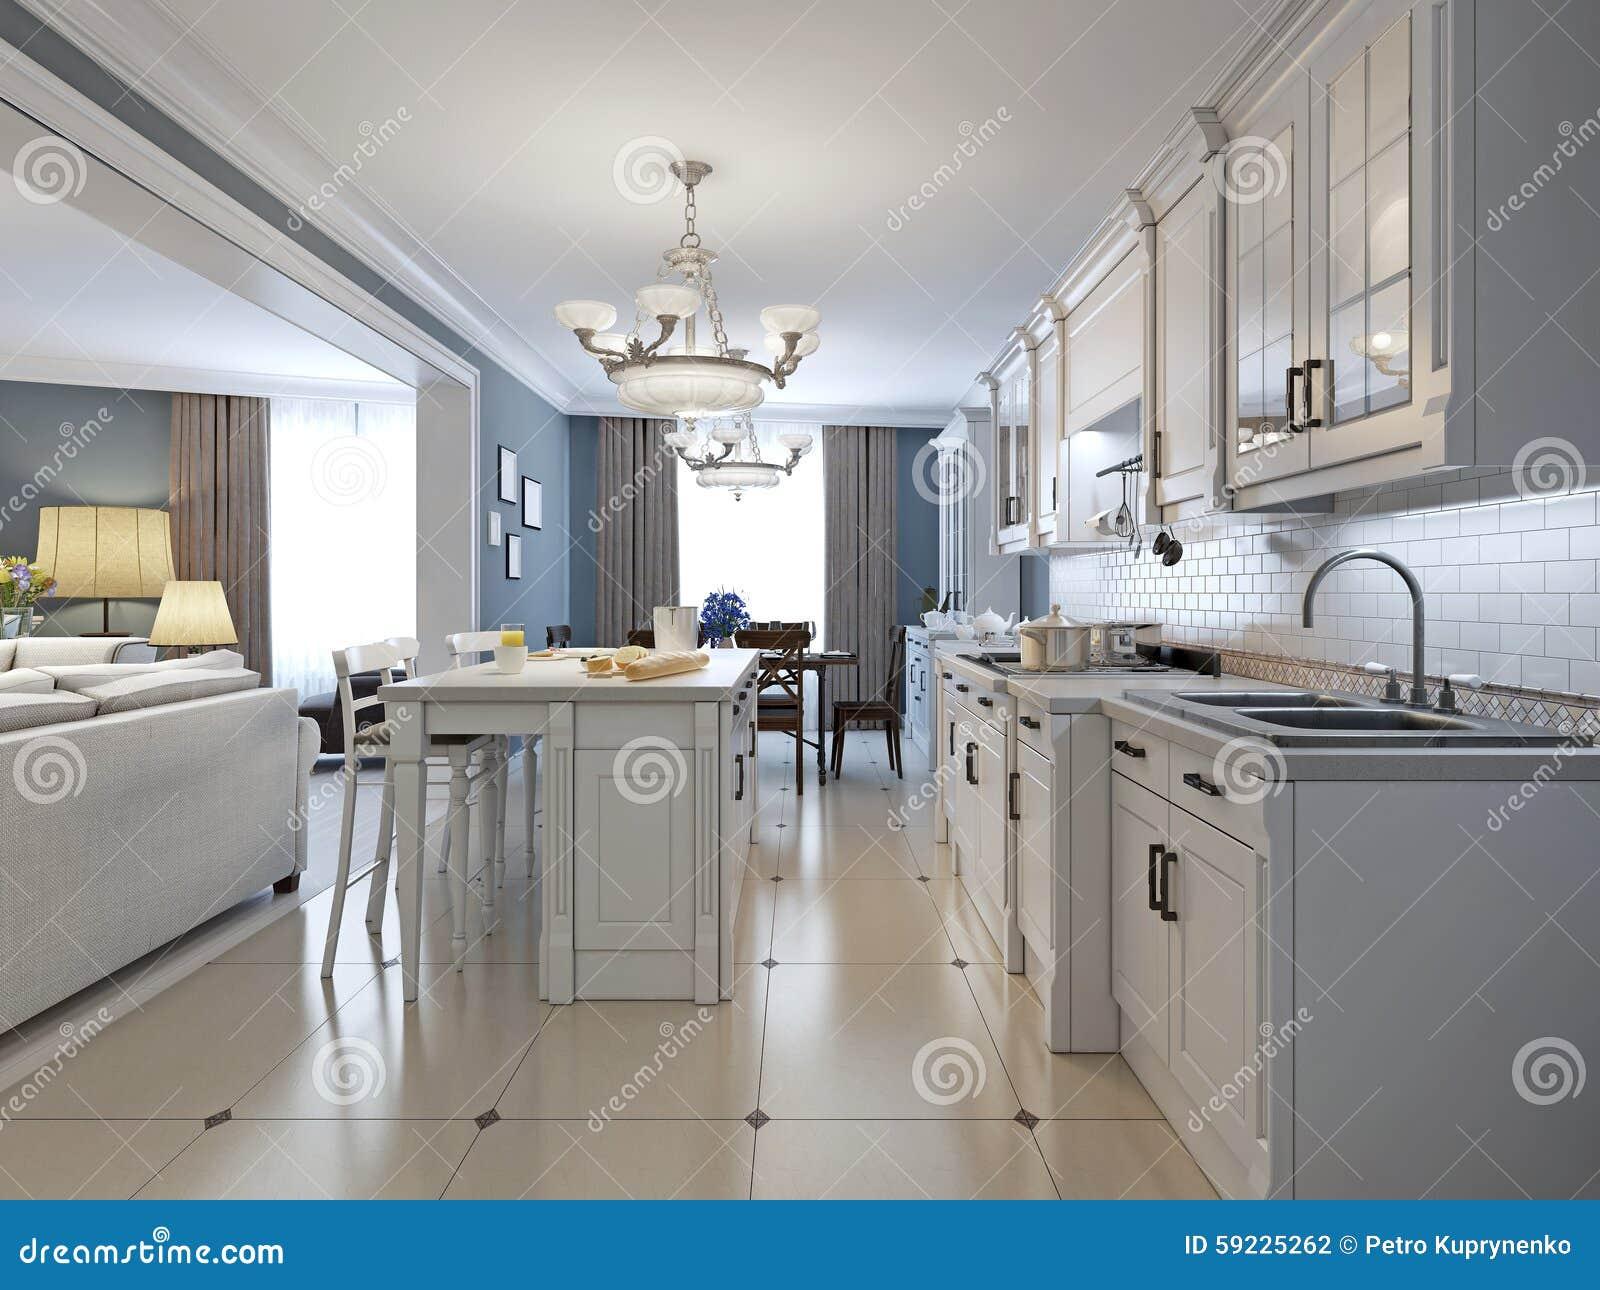 Design av kök i medelhavs  stil arkivfoto   bild: 59225262